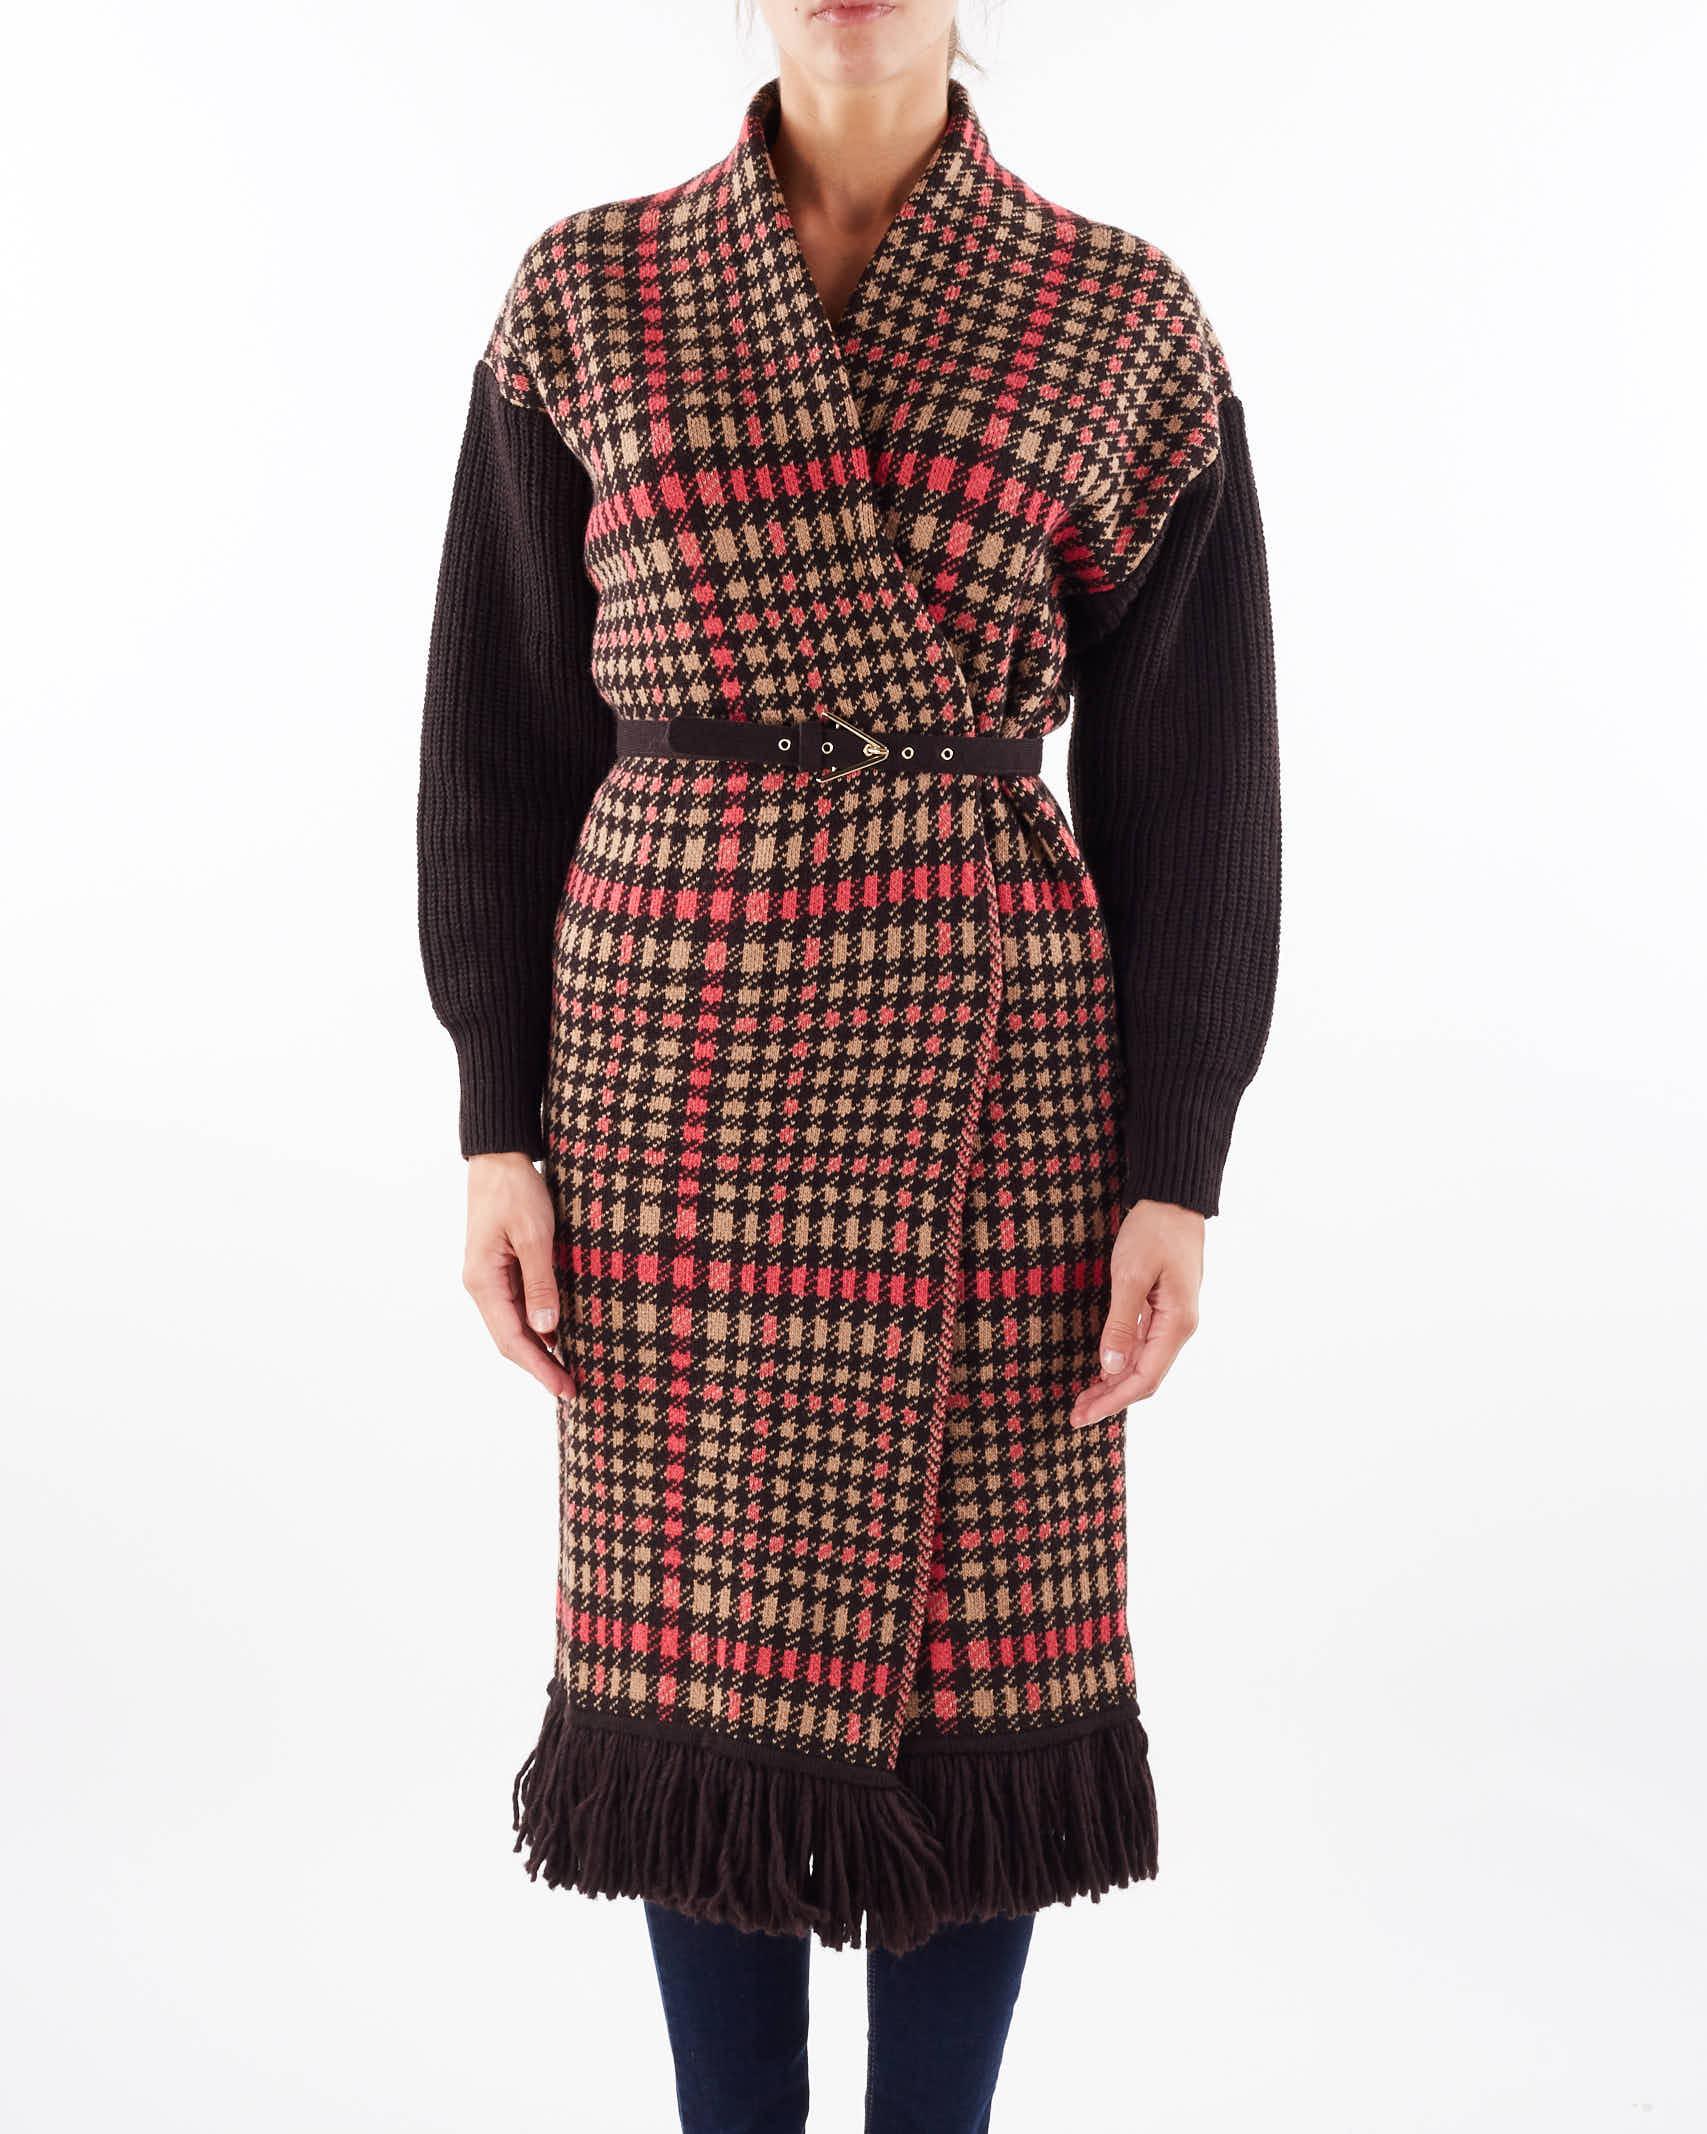 Cappotto jacquard in lana con frange e cintura Simona Corsellini SIMONA CORSELLINI   Cardigan   CPE0101C0260004519